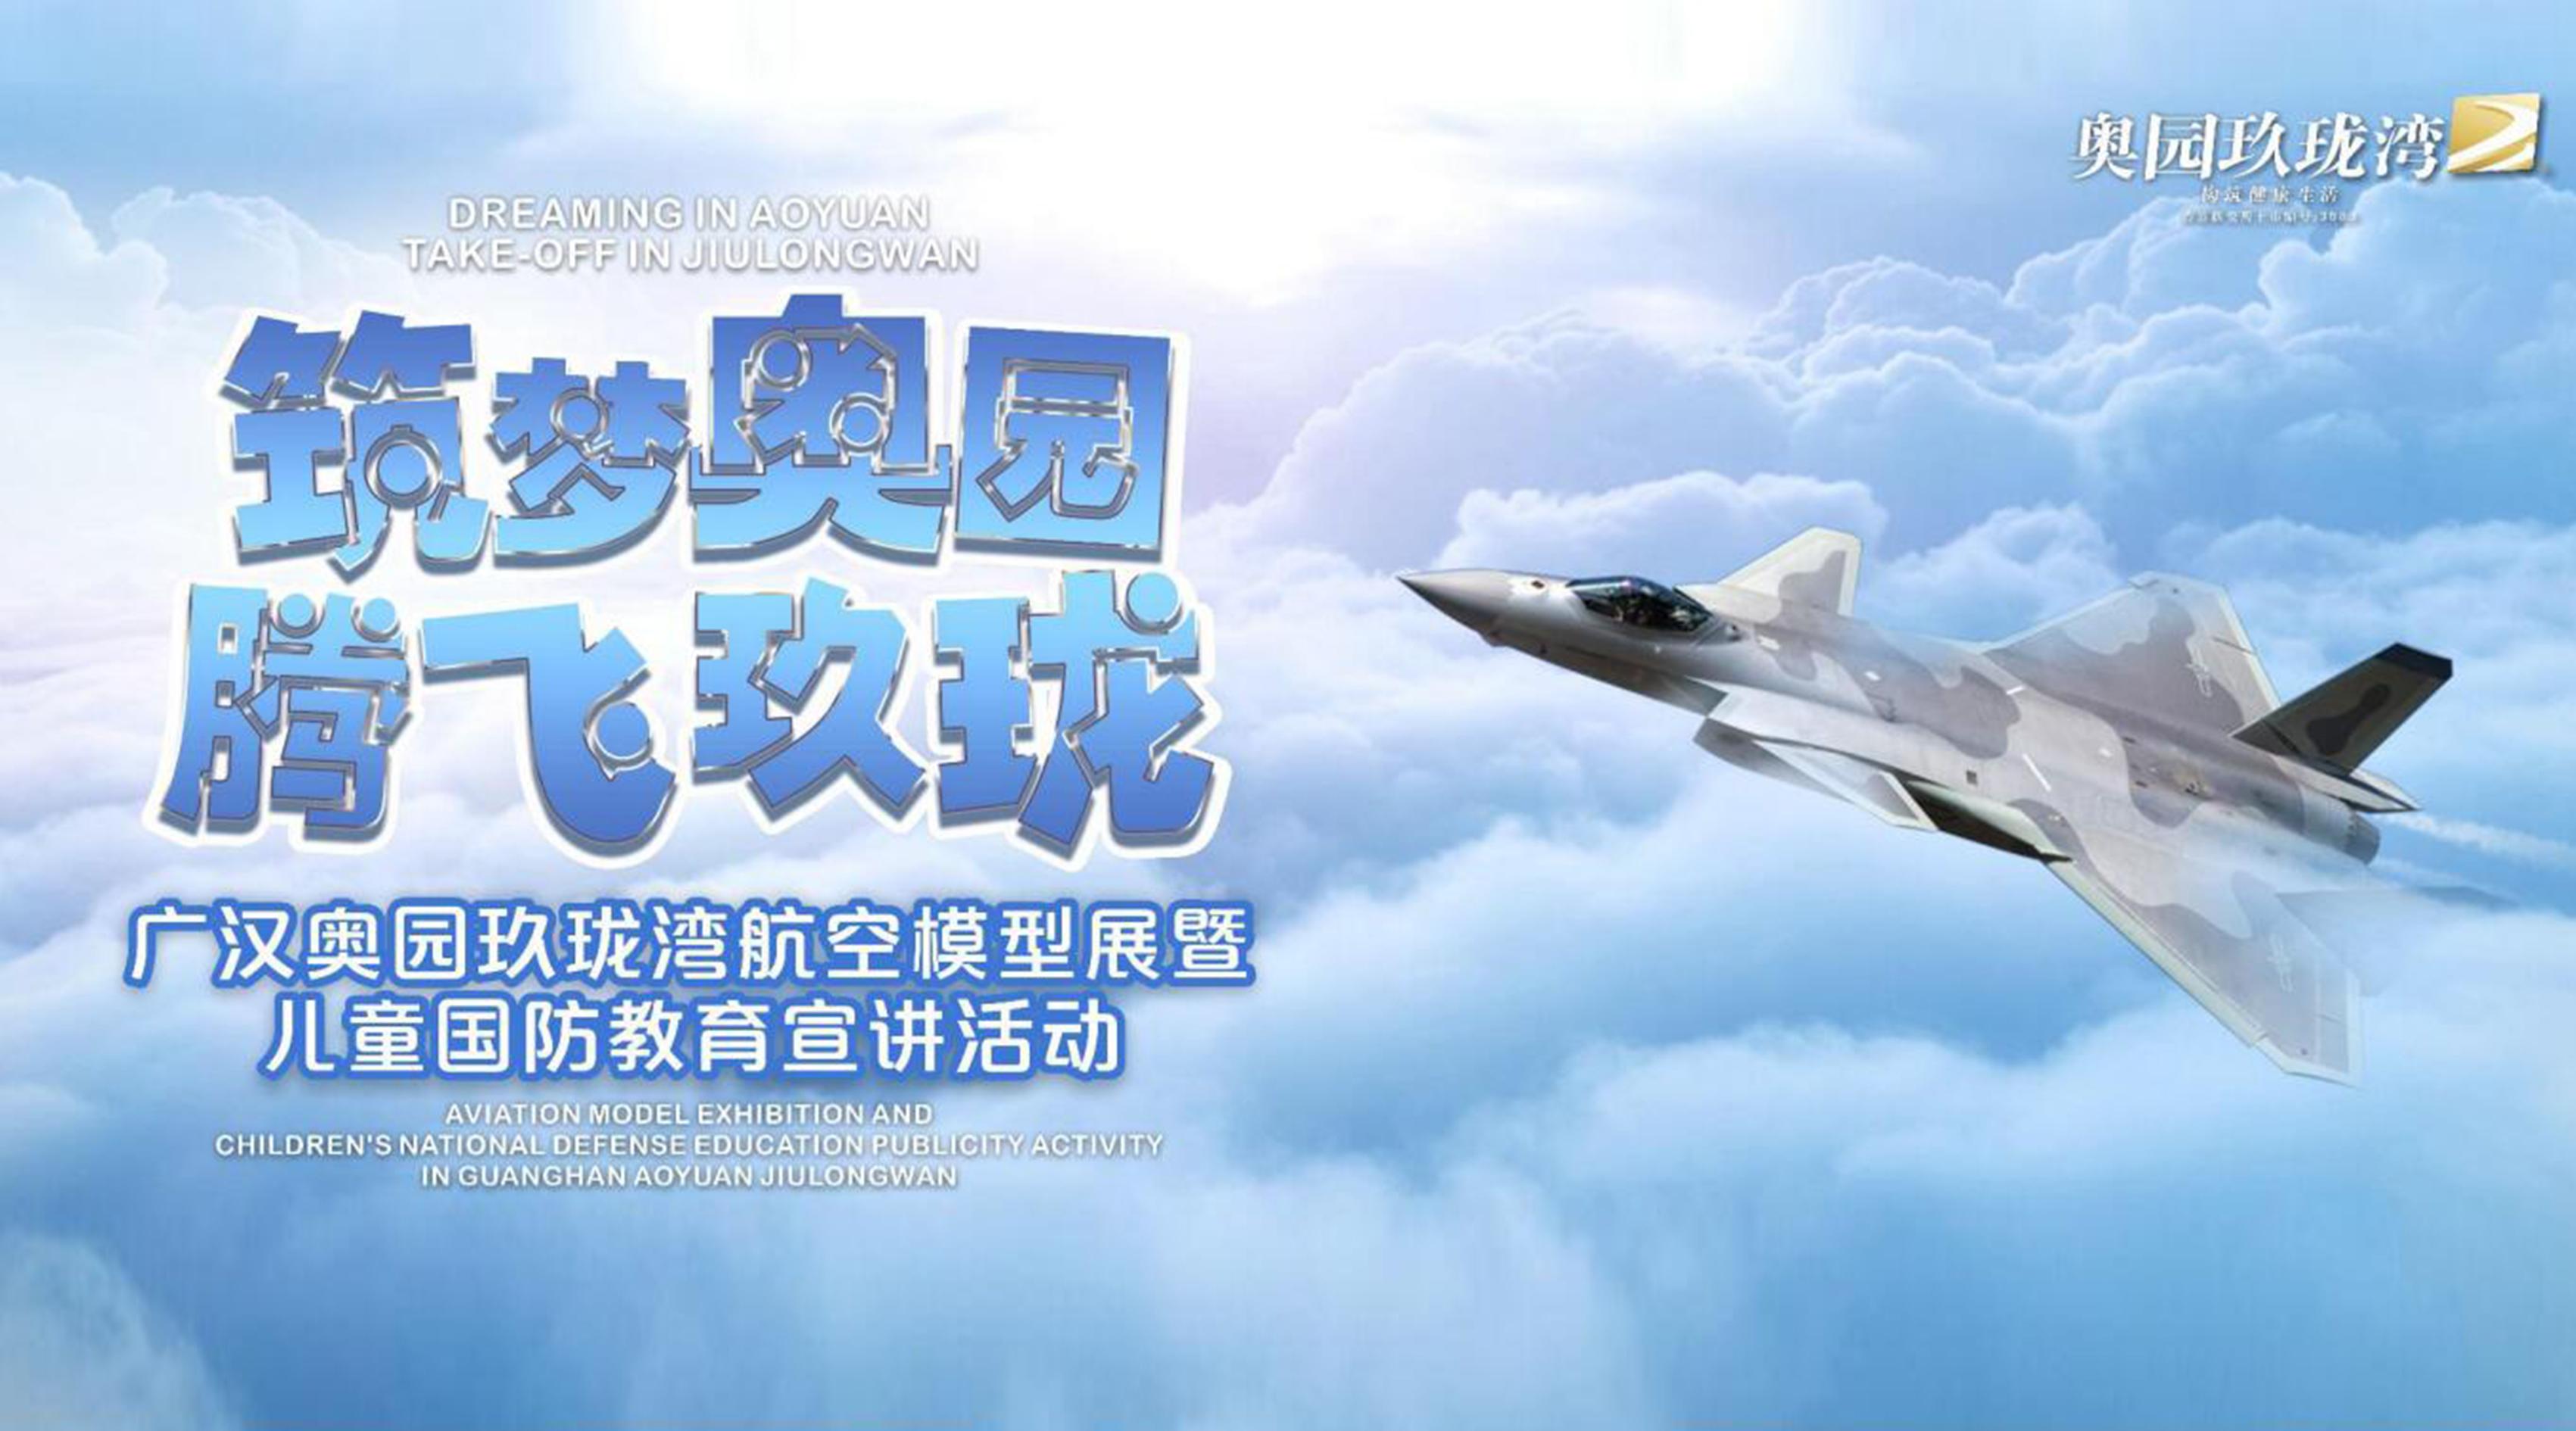 广汉奥园玖珑湾航空模型展及国防教育宣讲活动